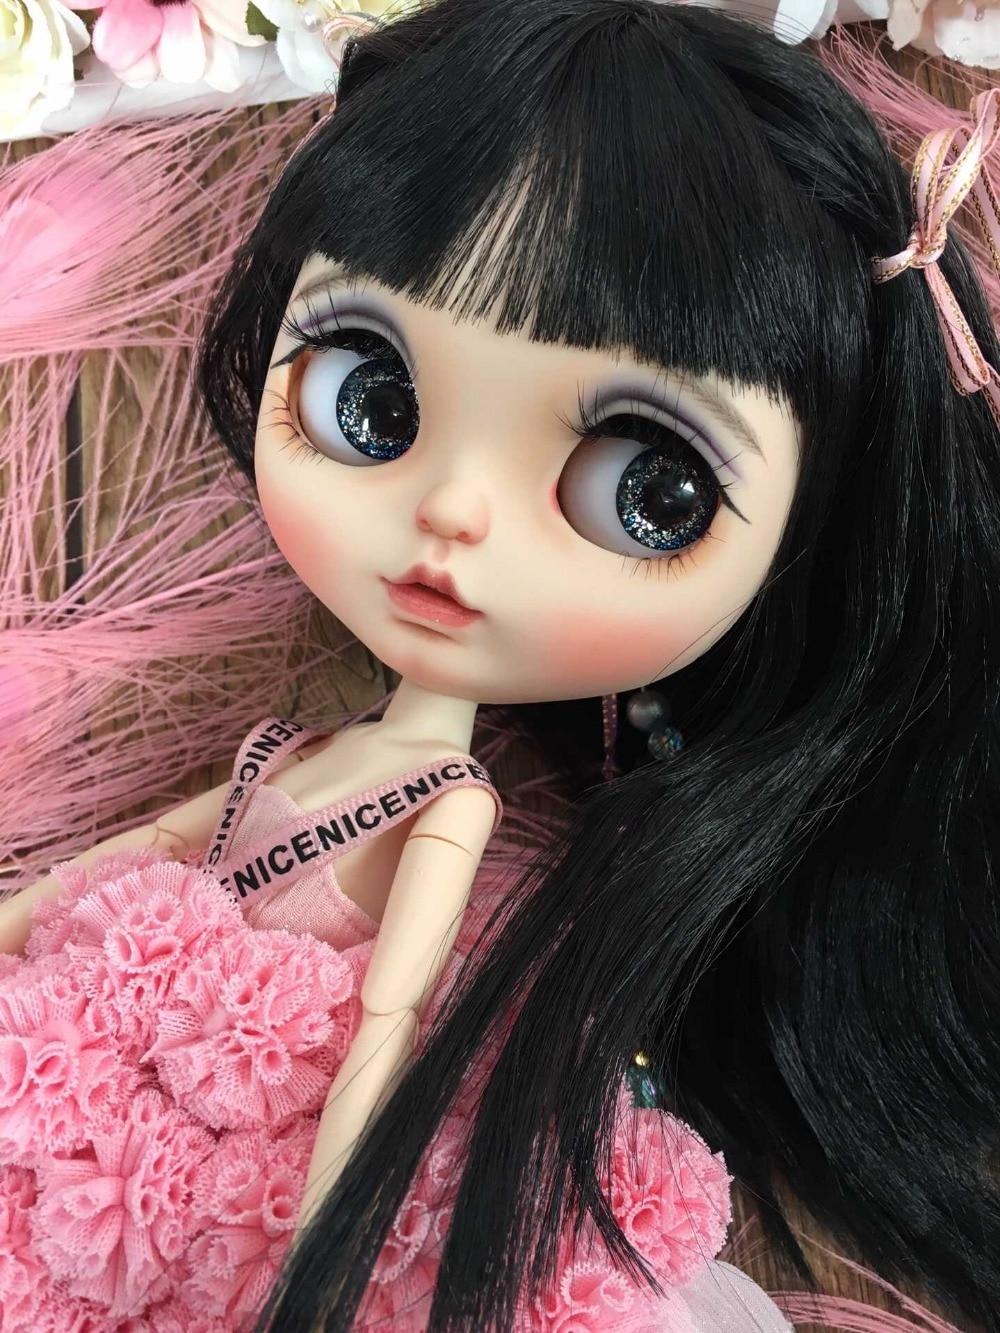 Personalizacja lalki DIY Nude blyth doll dla dziewczynek nagie lalki piękna dziewczyna 2019 nie obejmują ubrania) w Lalki od Zabawki i hobby na  Grupa 1